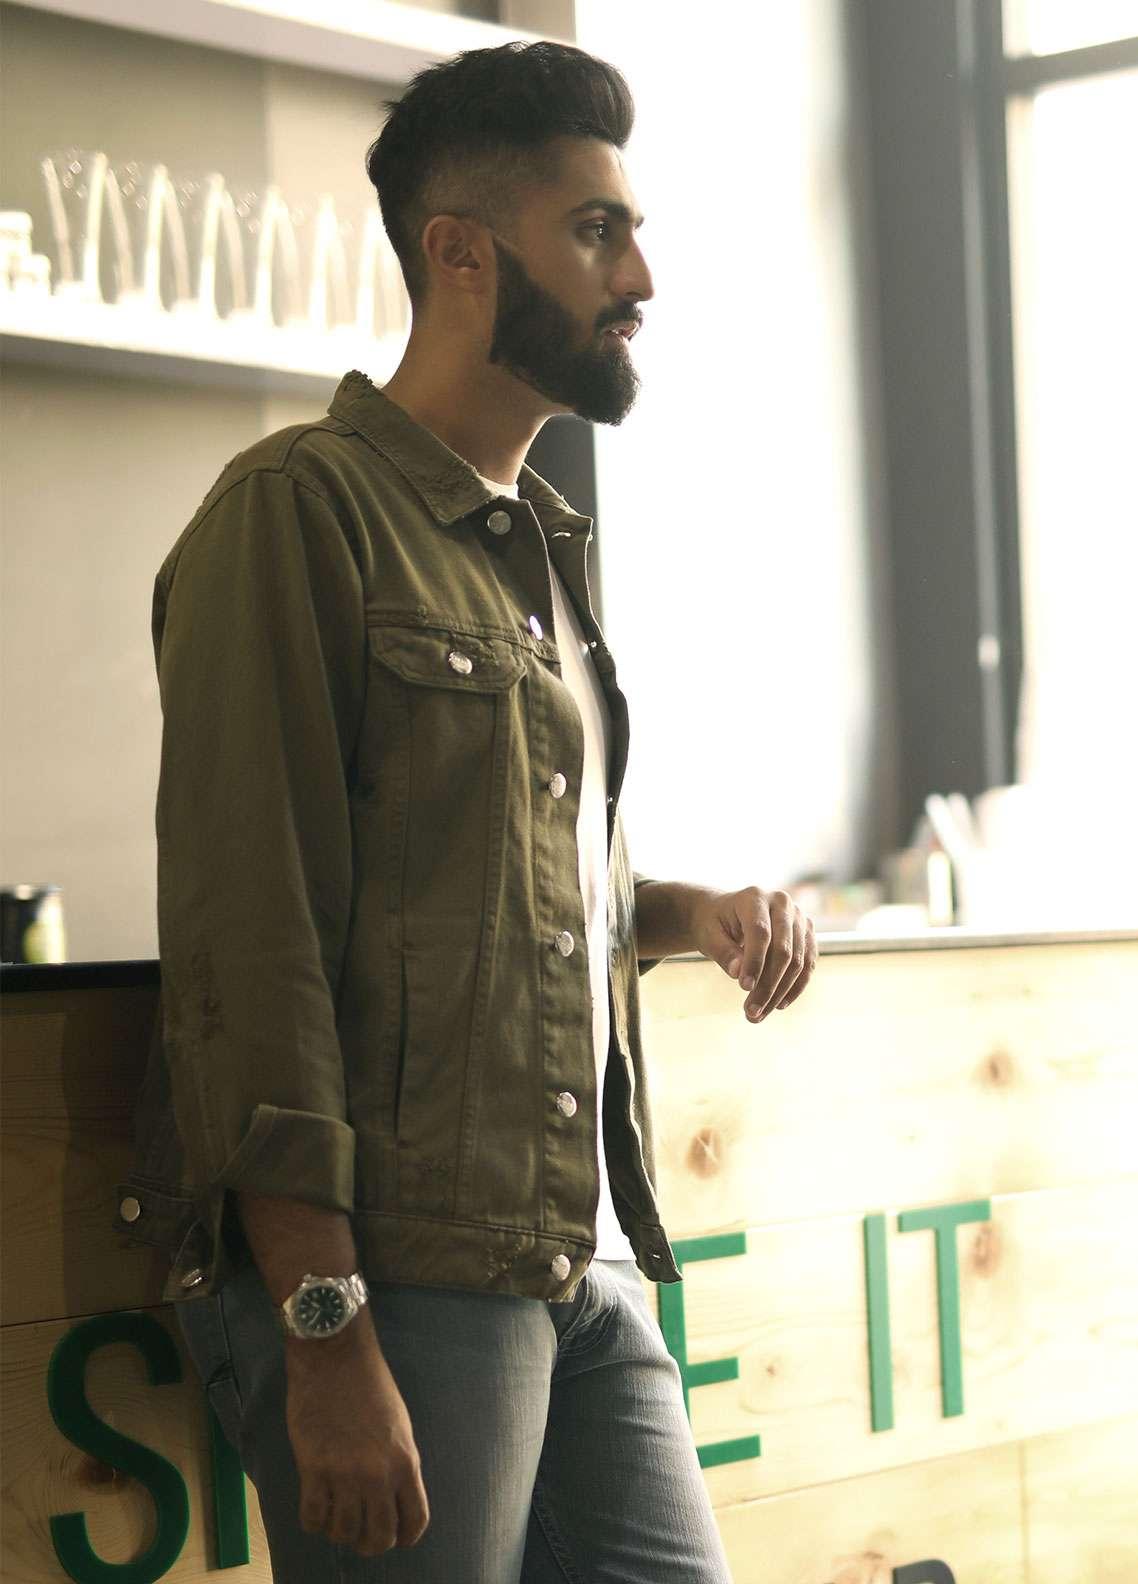 Furor Denim Casual Jackets for Men - Olive FMTJD18-008